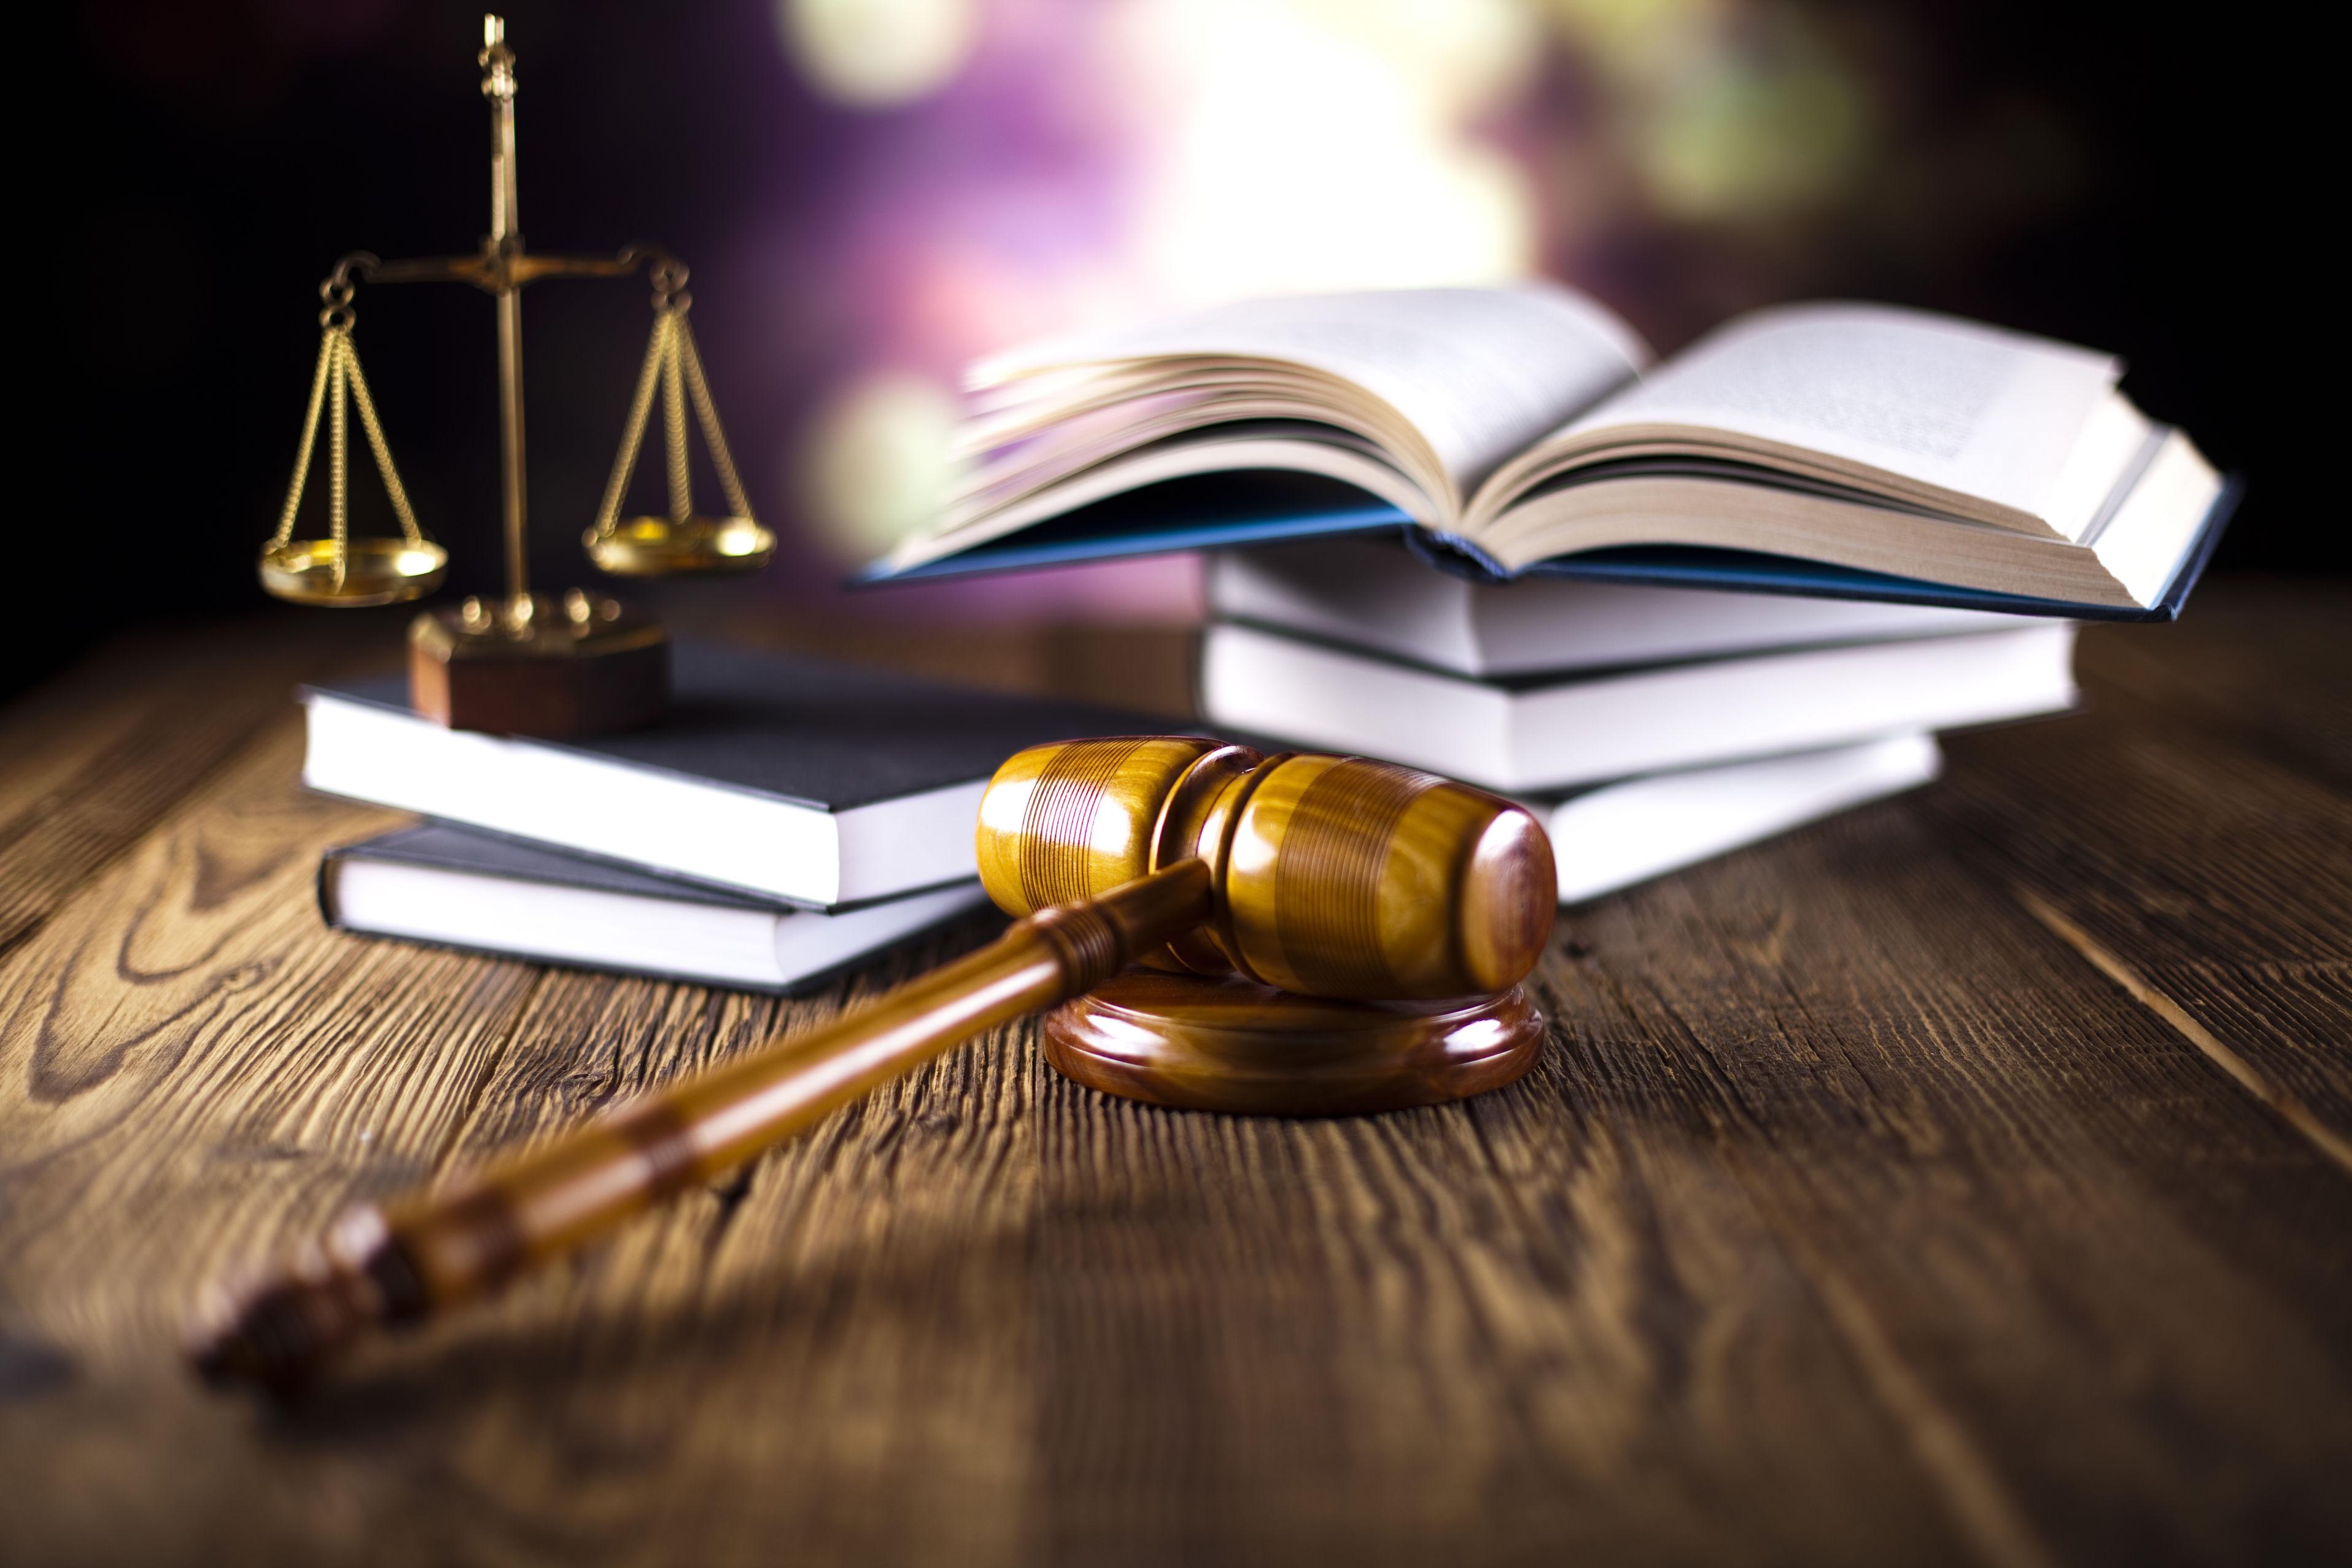 【公司預警】天寶食品涉嫌信披違法違規遭證監會立案調查